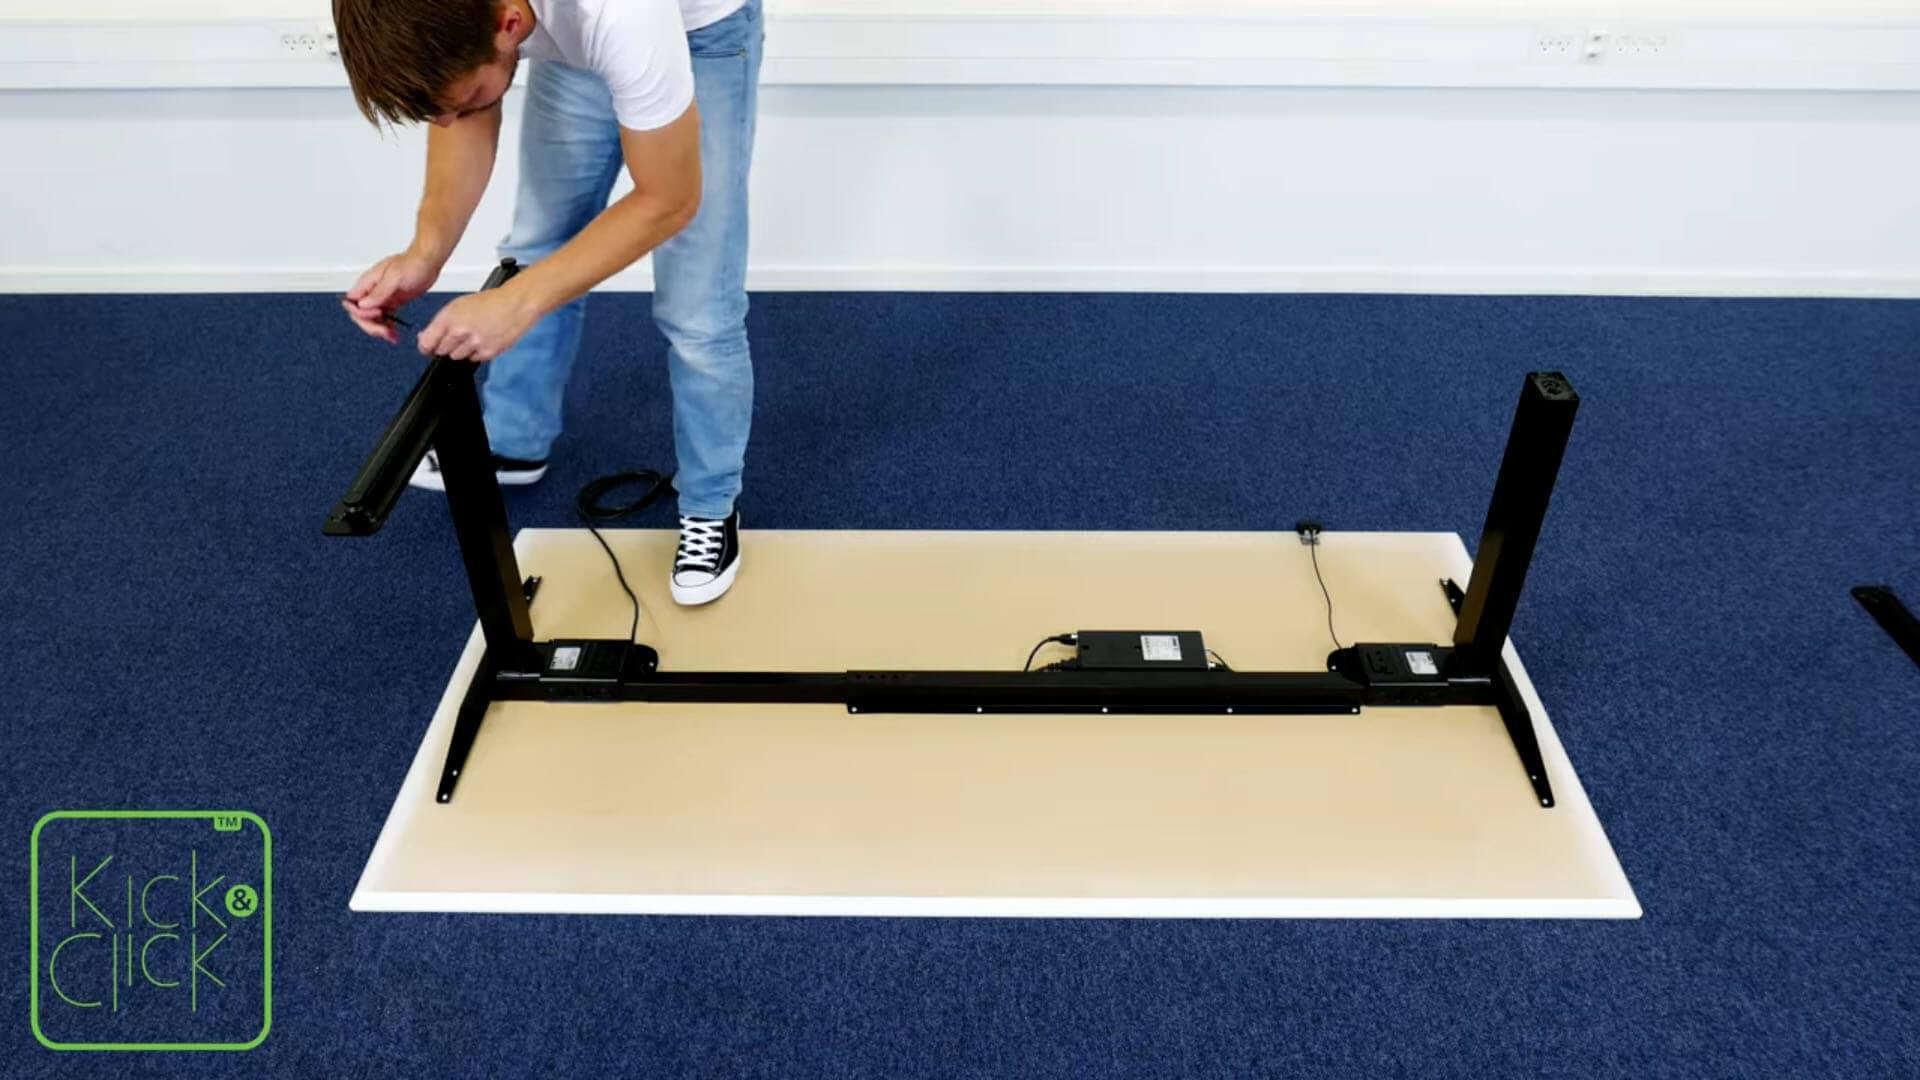 Demontáž kancelářského stolu LINAK Kick & Click